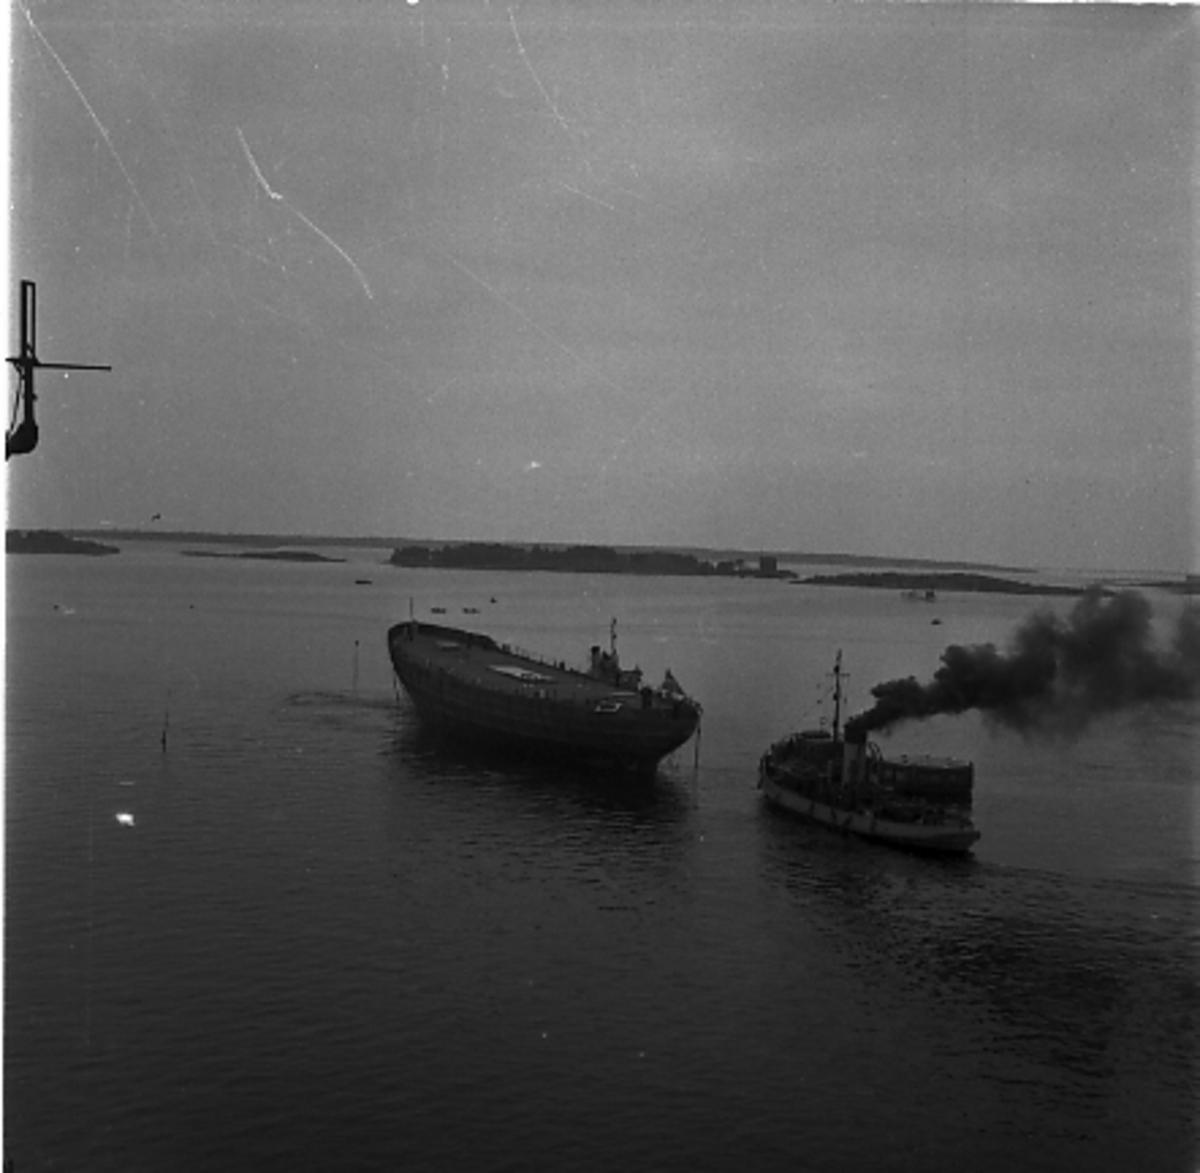 Fartyg: THULE                           Övrigt: Isbrytaren Thules sjösättning